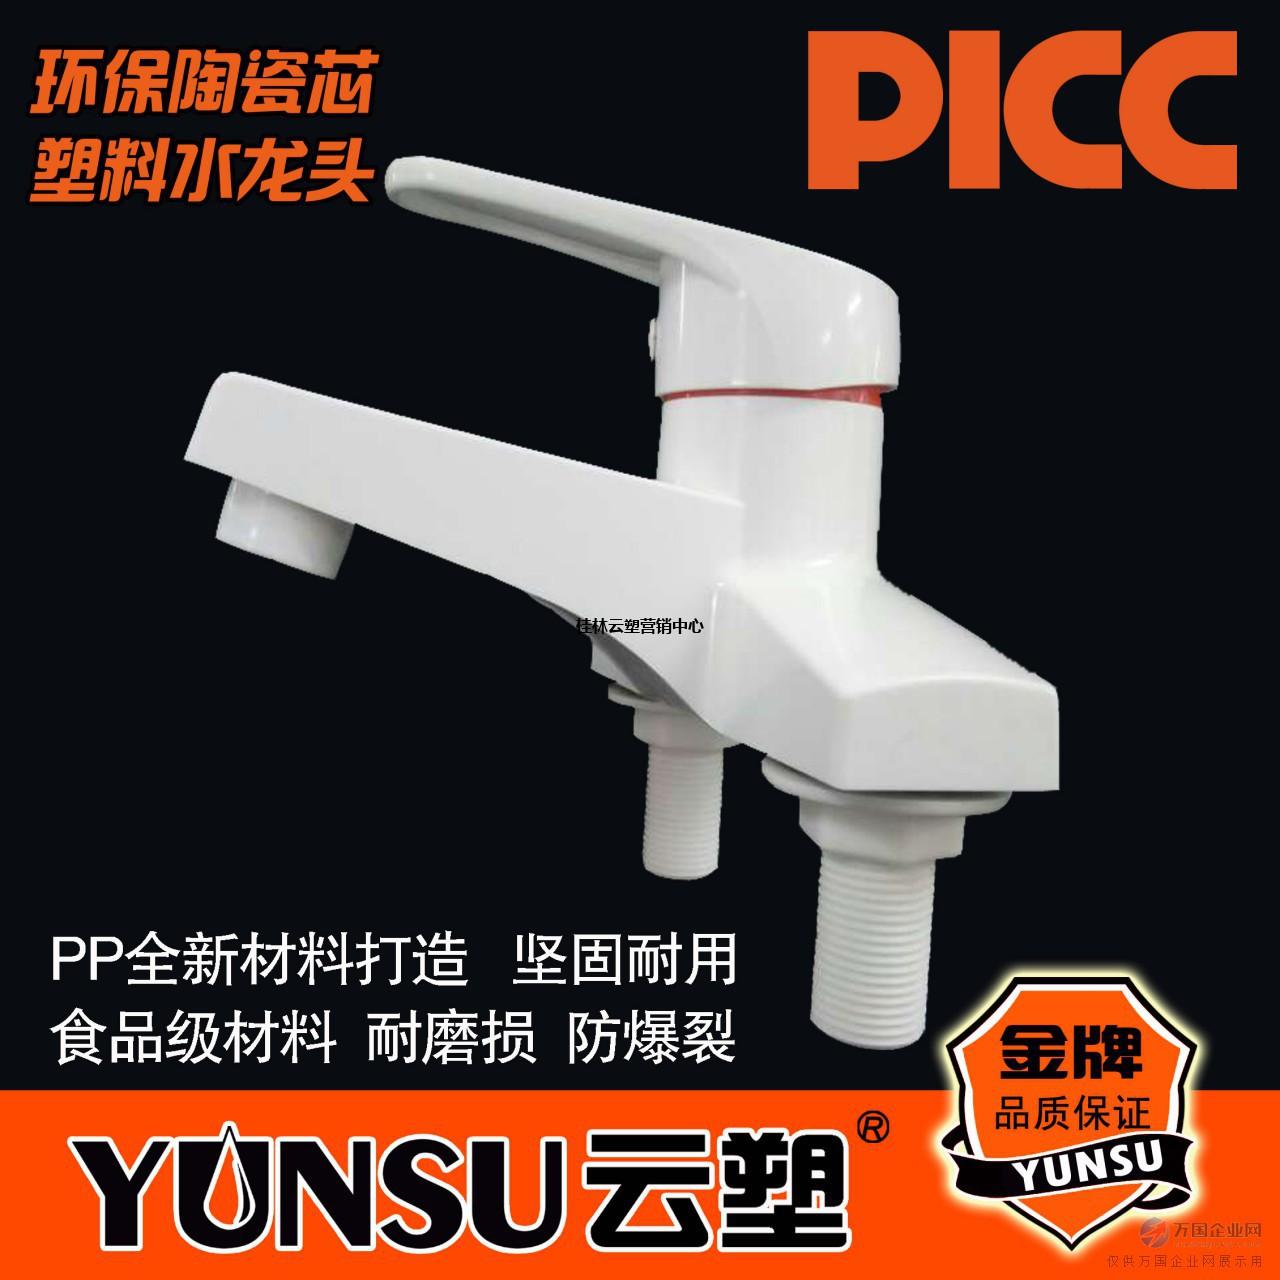 云塑新款塑料冷热龙头浴室洗手间陶瓷台面盆龙头